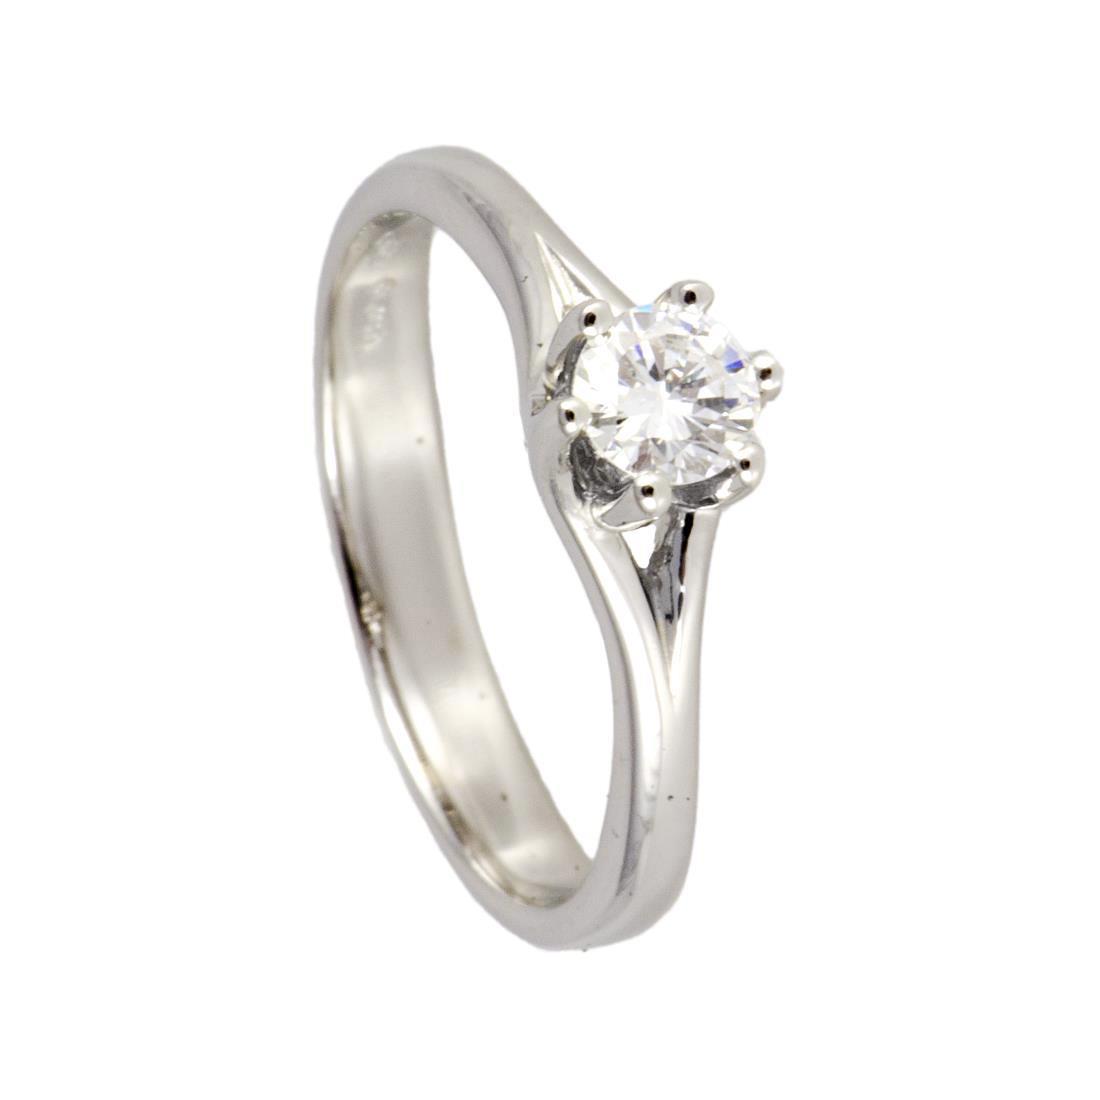 Anello solitario in oro bianco e diamanti ct 0.40, misura 13 - ORO&CO